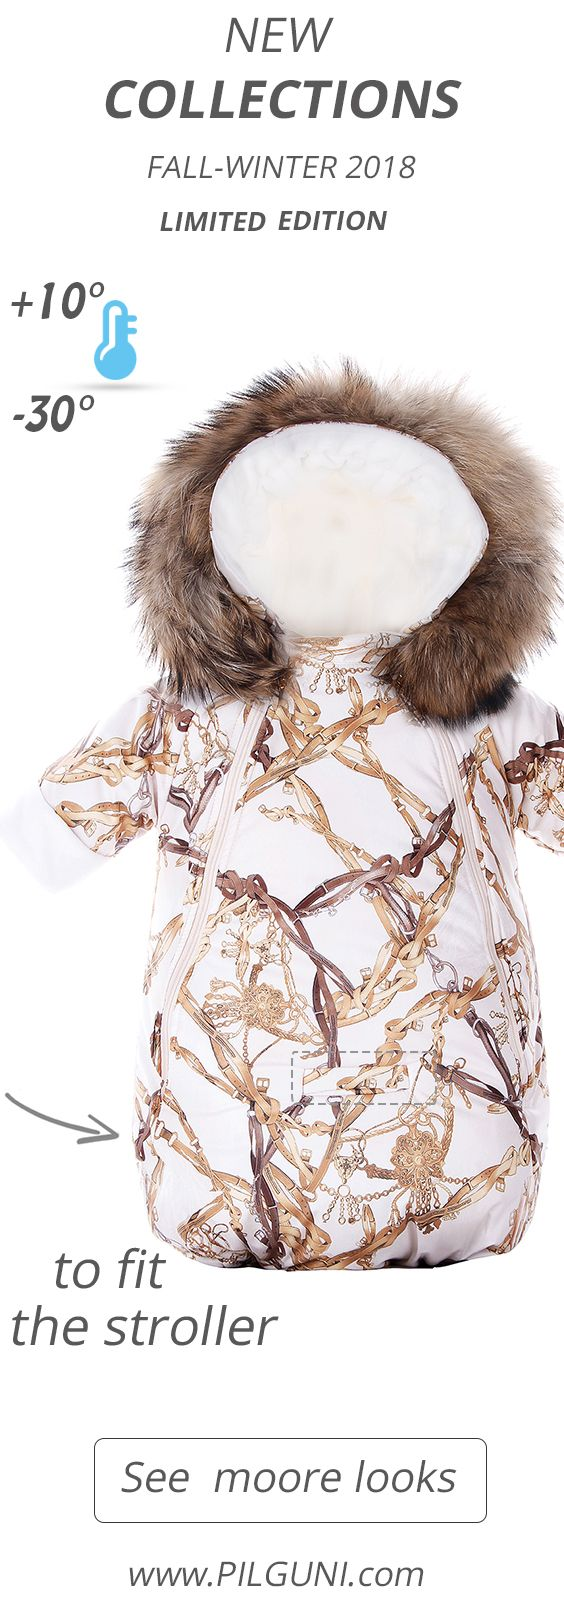 #Stroller bunting and #footmuff #Shop. #Designer #baby #brand!  #Pilguni.com #online #superstore.  HORSES Baby Sleeping bag with sleeves | 1. Ecru/ Natural Raccoon 104 EUR  Магазин. Дизайнерская #одежда для# детей и #беременных женщин розничной продажи! Pilguni.com #интернет #магазин. #Конверт для #новорожденных #2017-2018